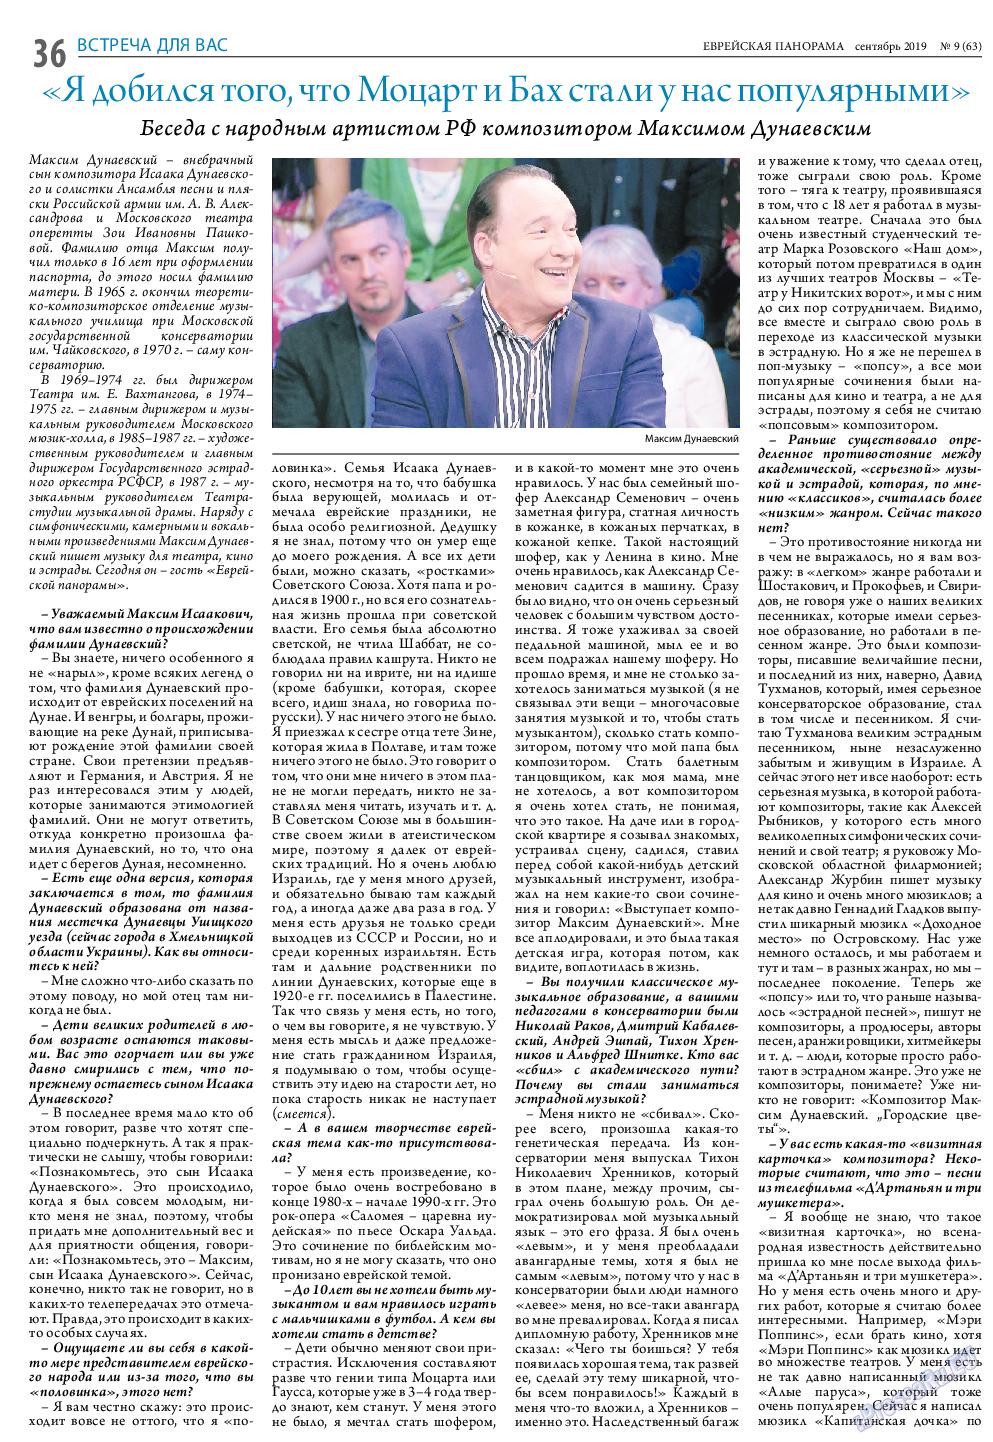 Еврейская панорама (газета). 2019 год, номер 9, стр. 36